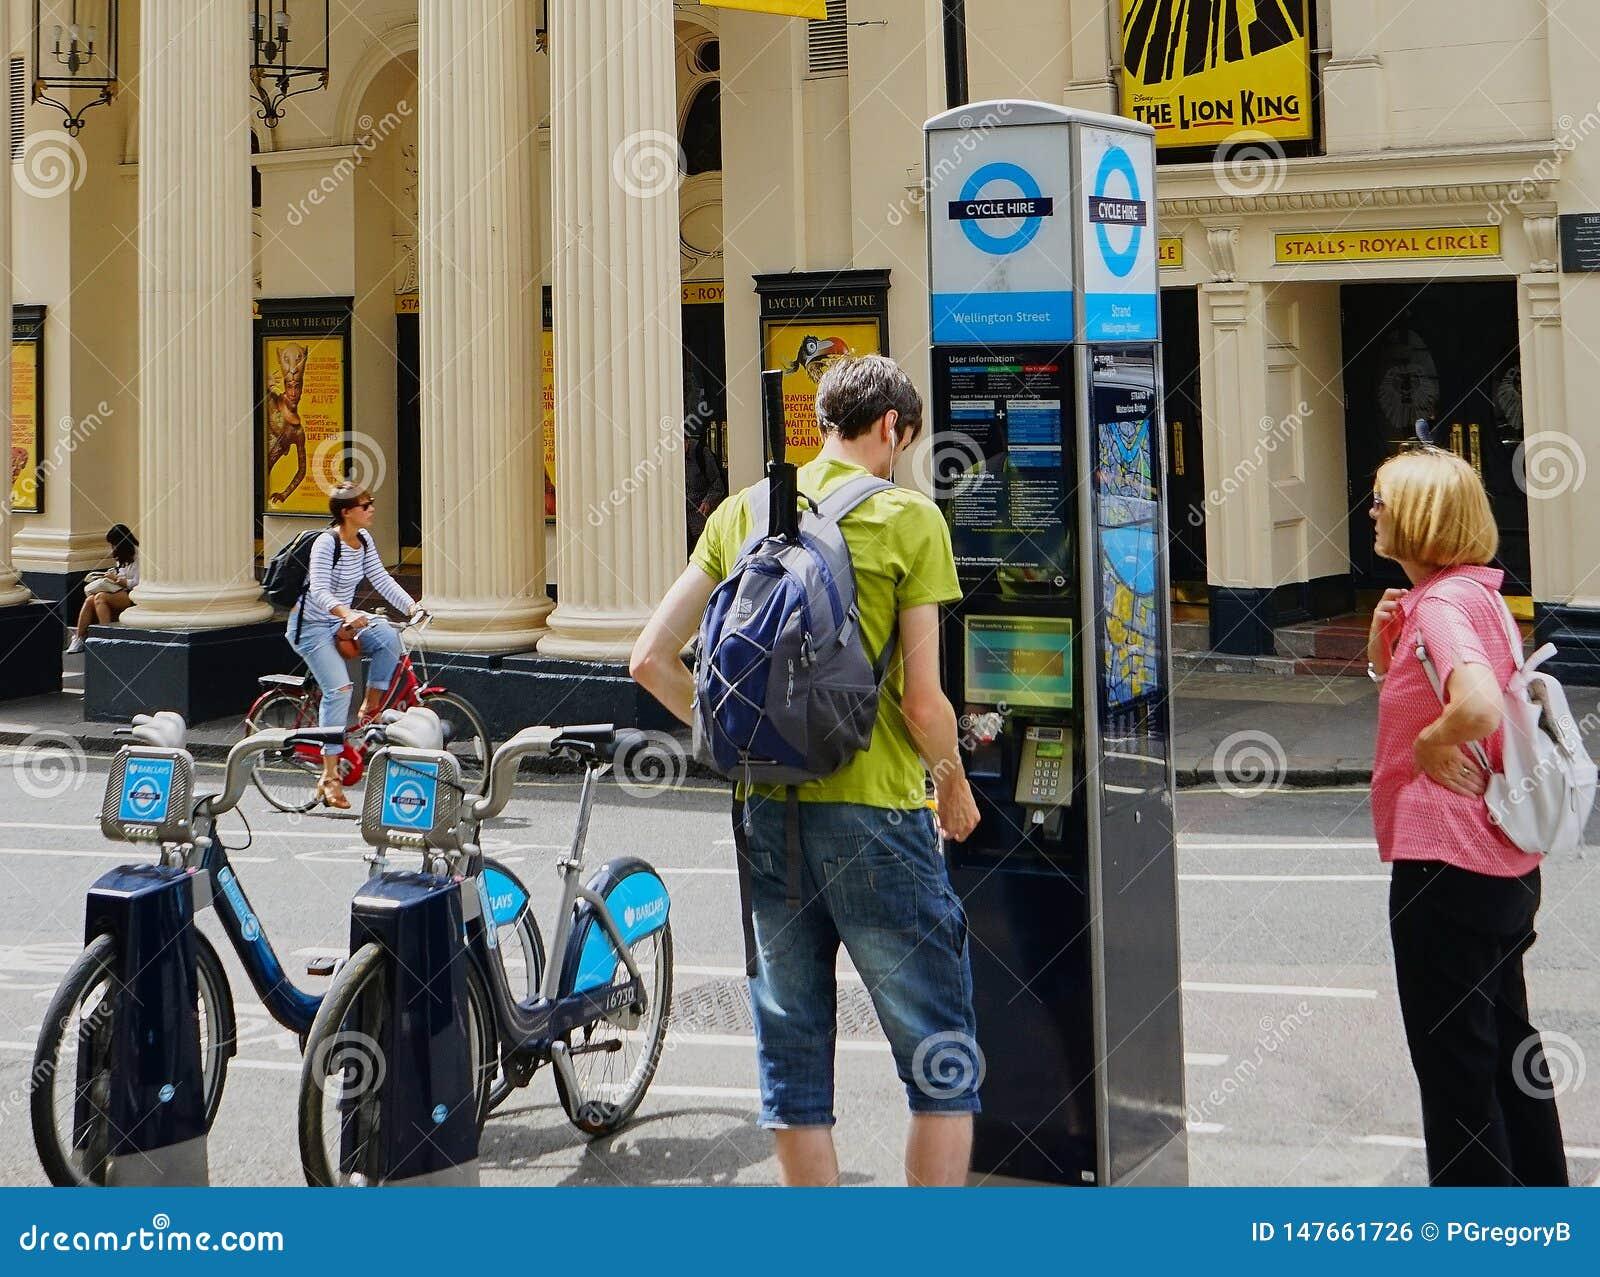 Kiosque de location de rue de bicyclette dans le West End, Londres